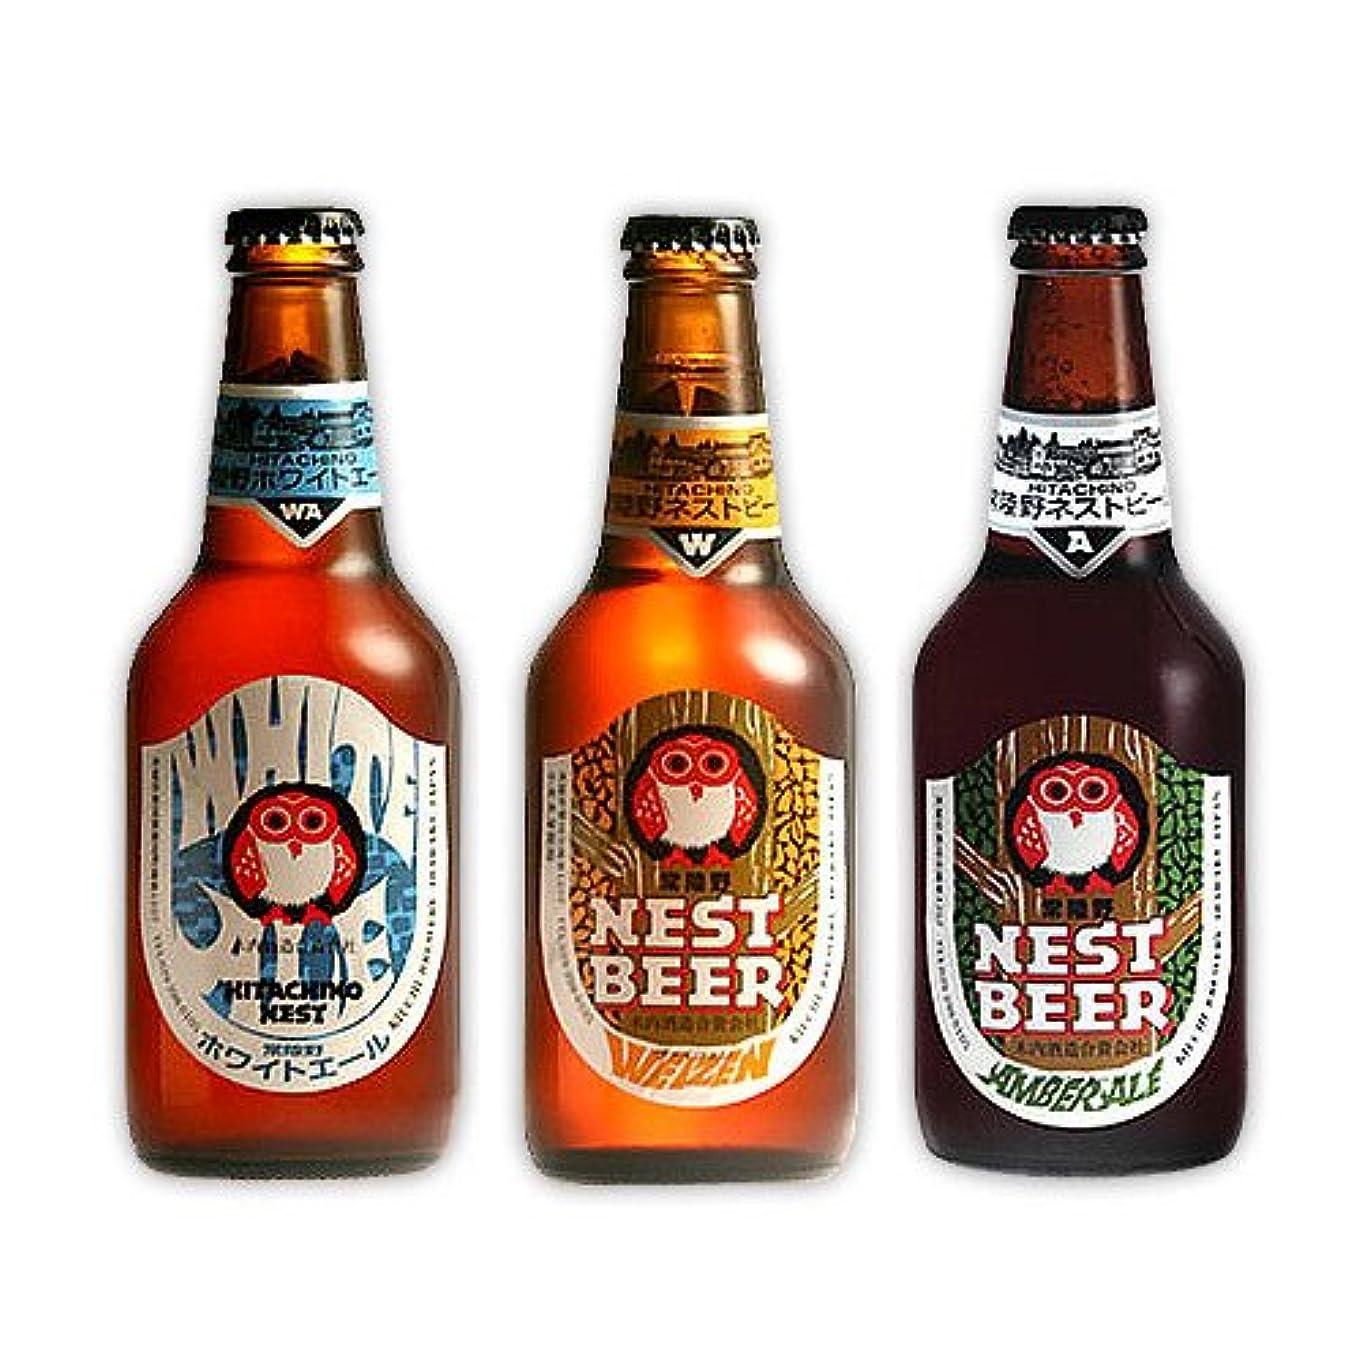 テレビ局瞑想的必要性常陸野 ネストビール 330ml 3本 セット 箱入り 木内酒造 地ビール クラフト ビール